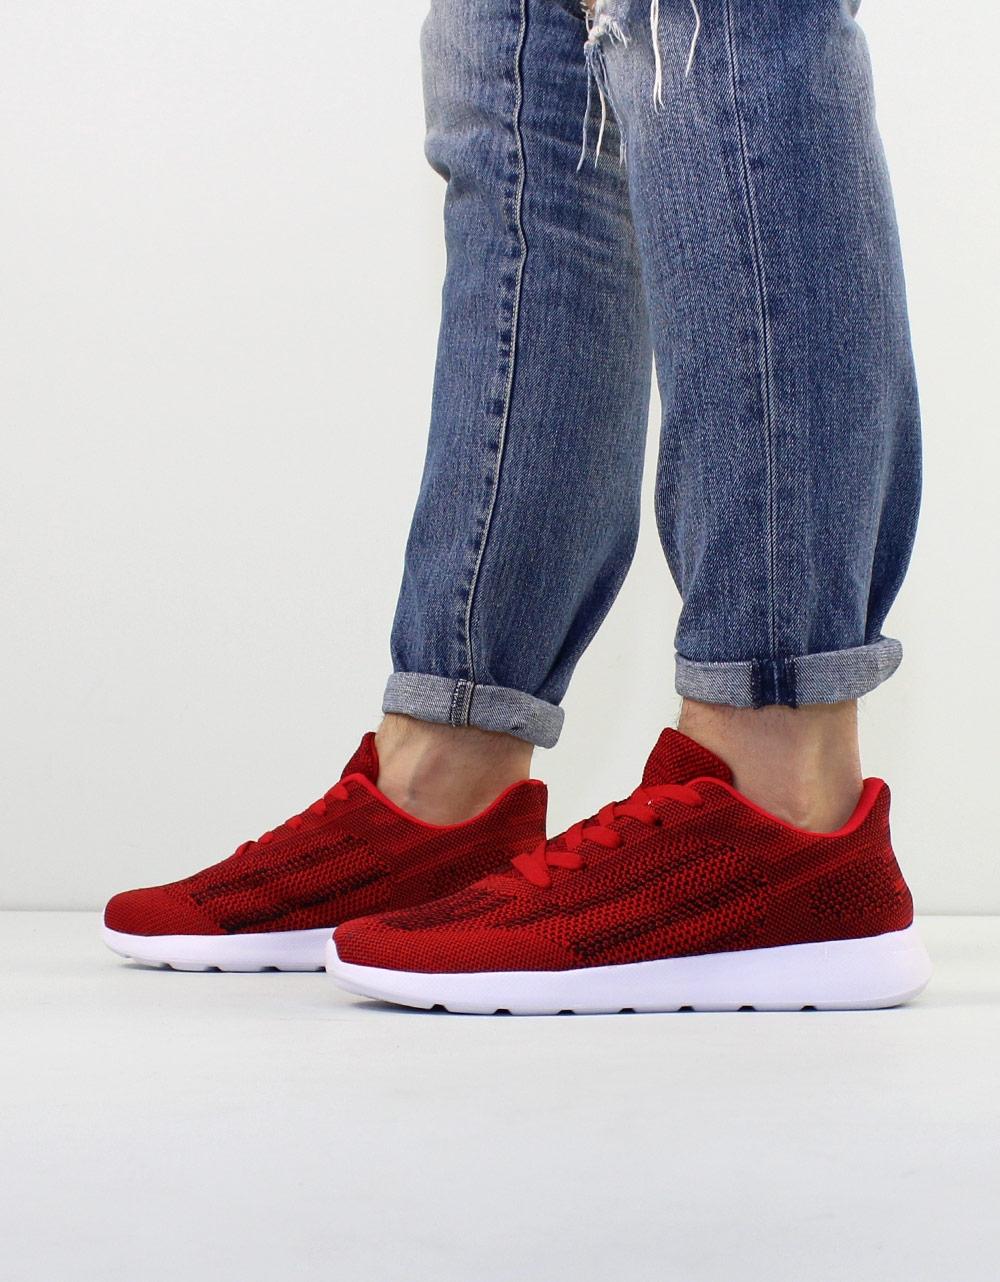 Εικόνα από Ανδρικά sneakers με δίχρωμες λεπτομέρειες Κόκκινο